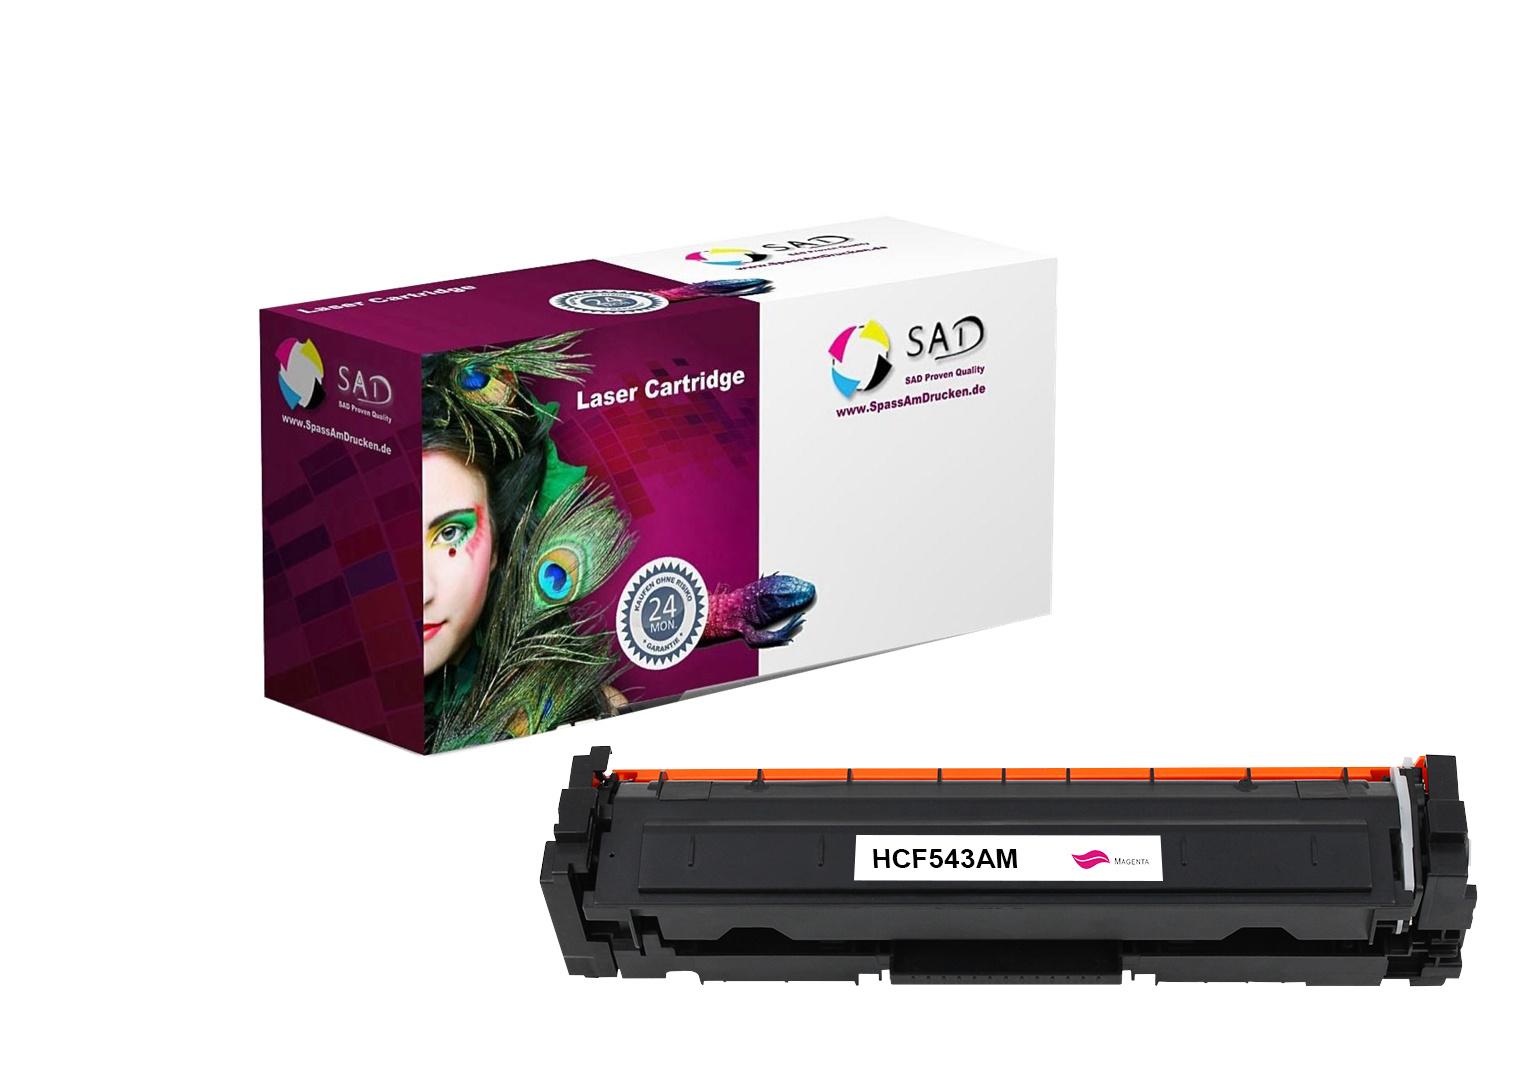 SAD Premium Toner komp. zu HP 203A - CF543A für HP LaserJet Pro M254, HP LaserJet Pro M280, HP Laser